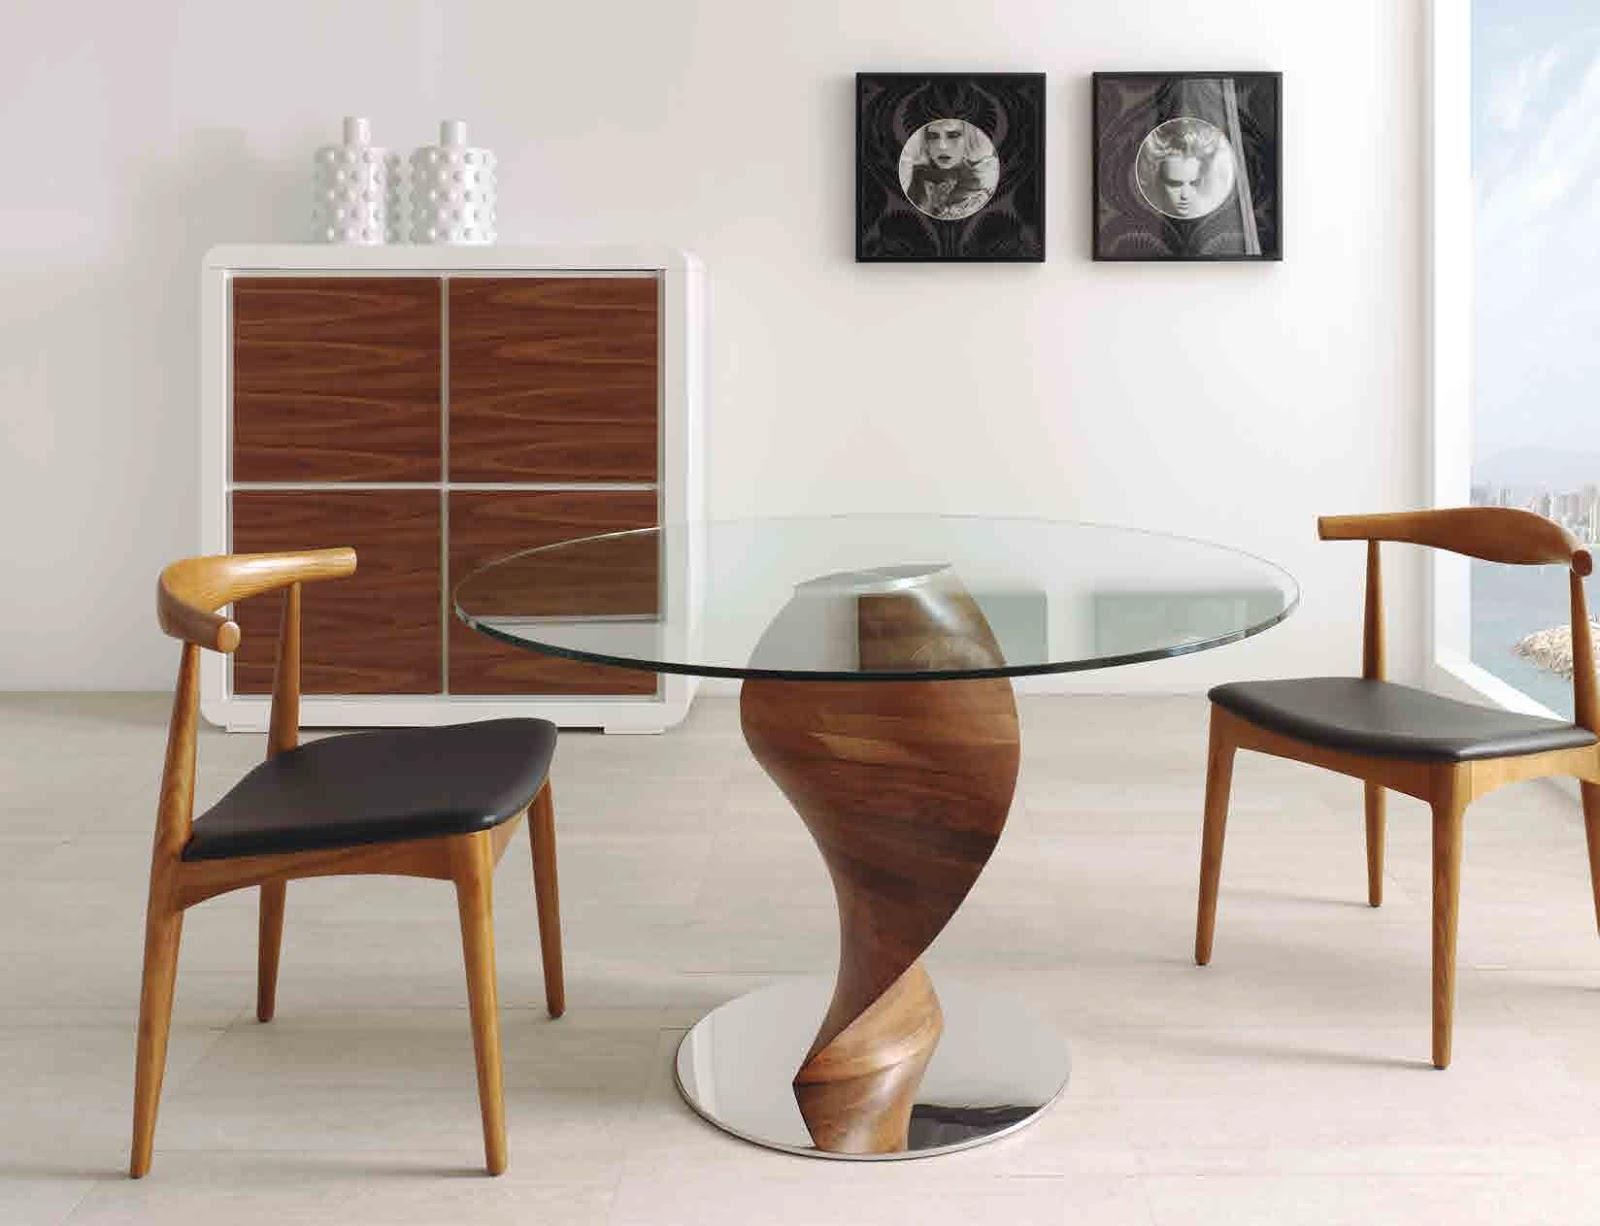 Tienda muebles modernos muebles de salon modernos salones - Mueble nordico madrid ...